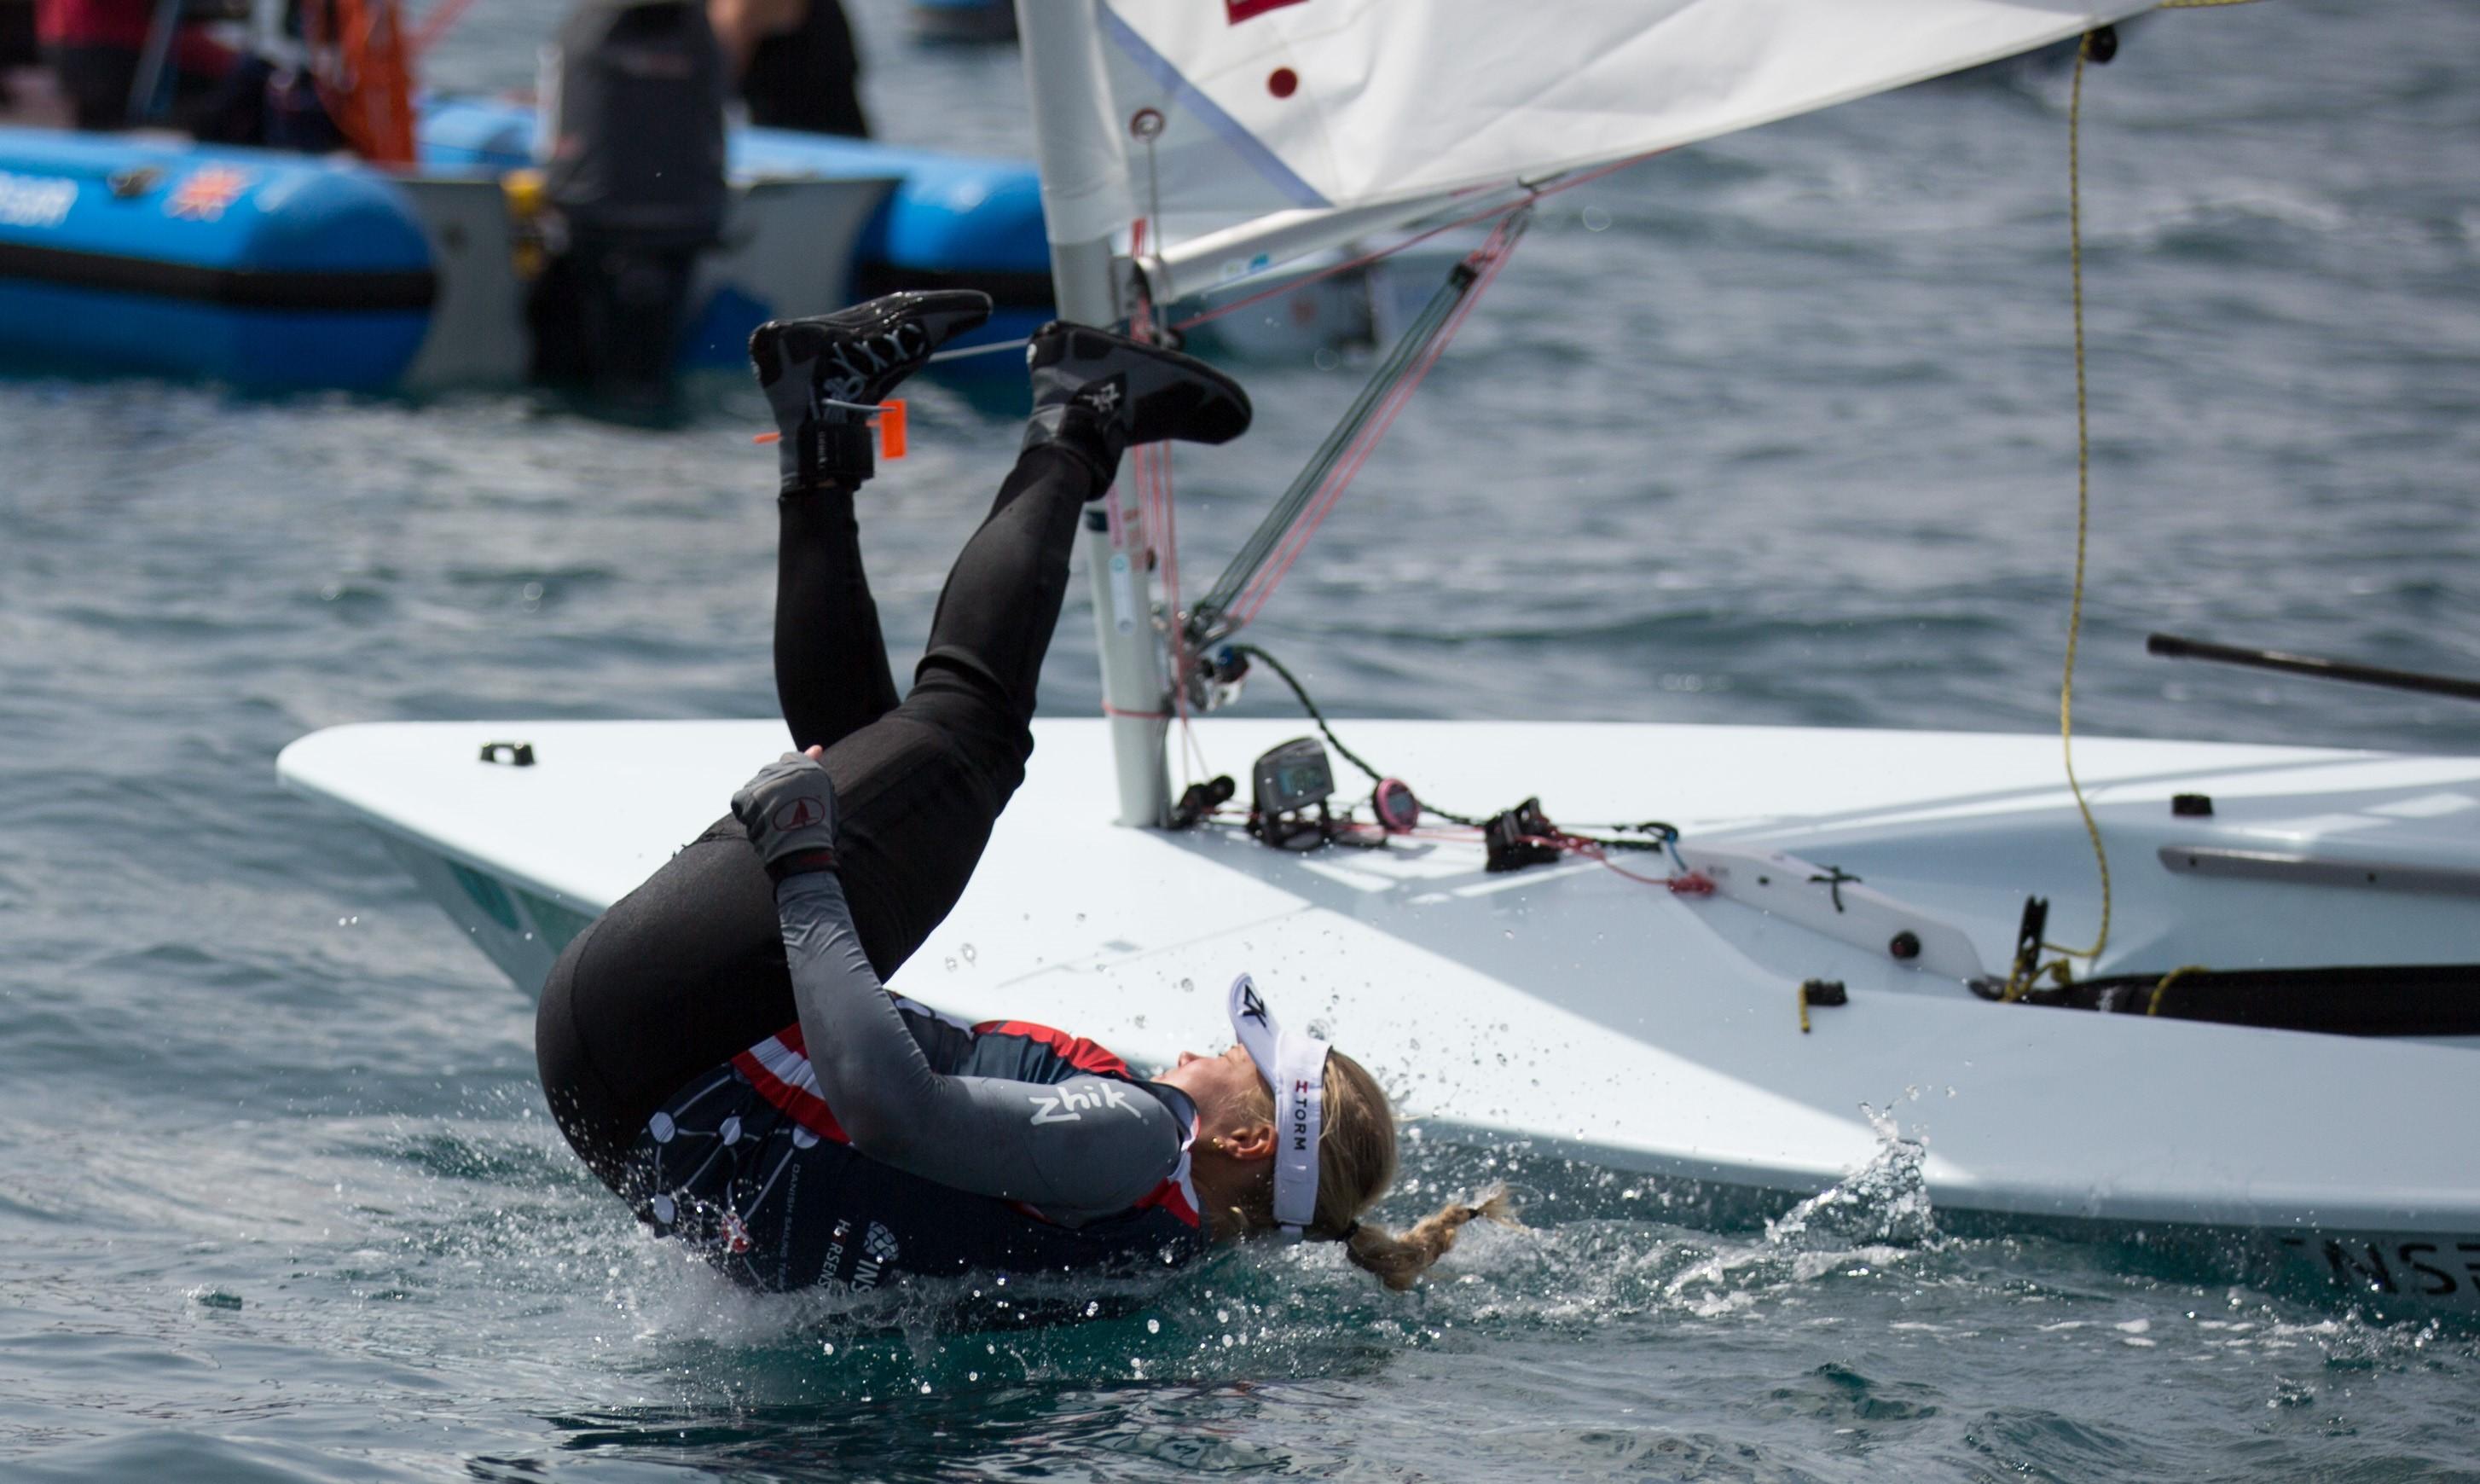 En af de aktive sejlere er Anne-Marie Rindom i Laser Radial. Foto: Peter Brøgger